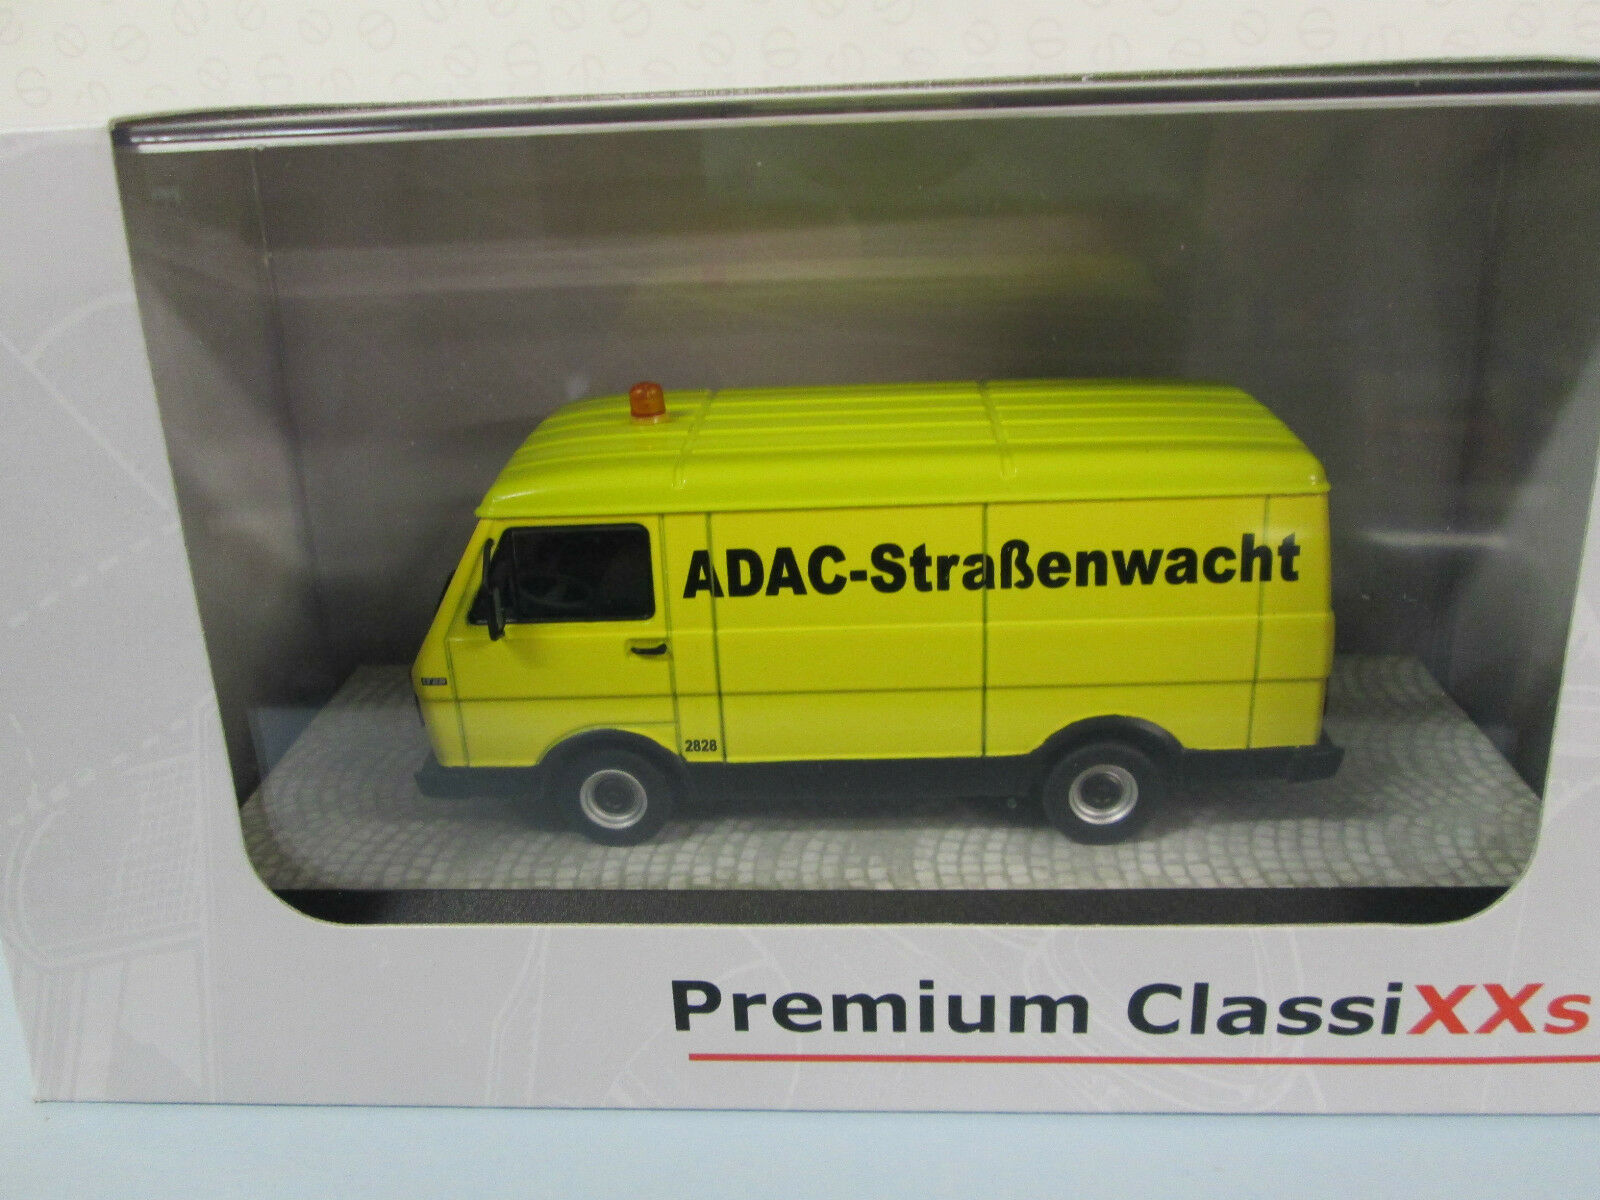 PREMIUM CLASSIXX. VW LT28 Kastenwagon. ADAC. Yellow. 1 43. 13303.